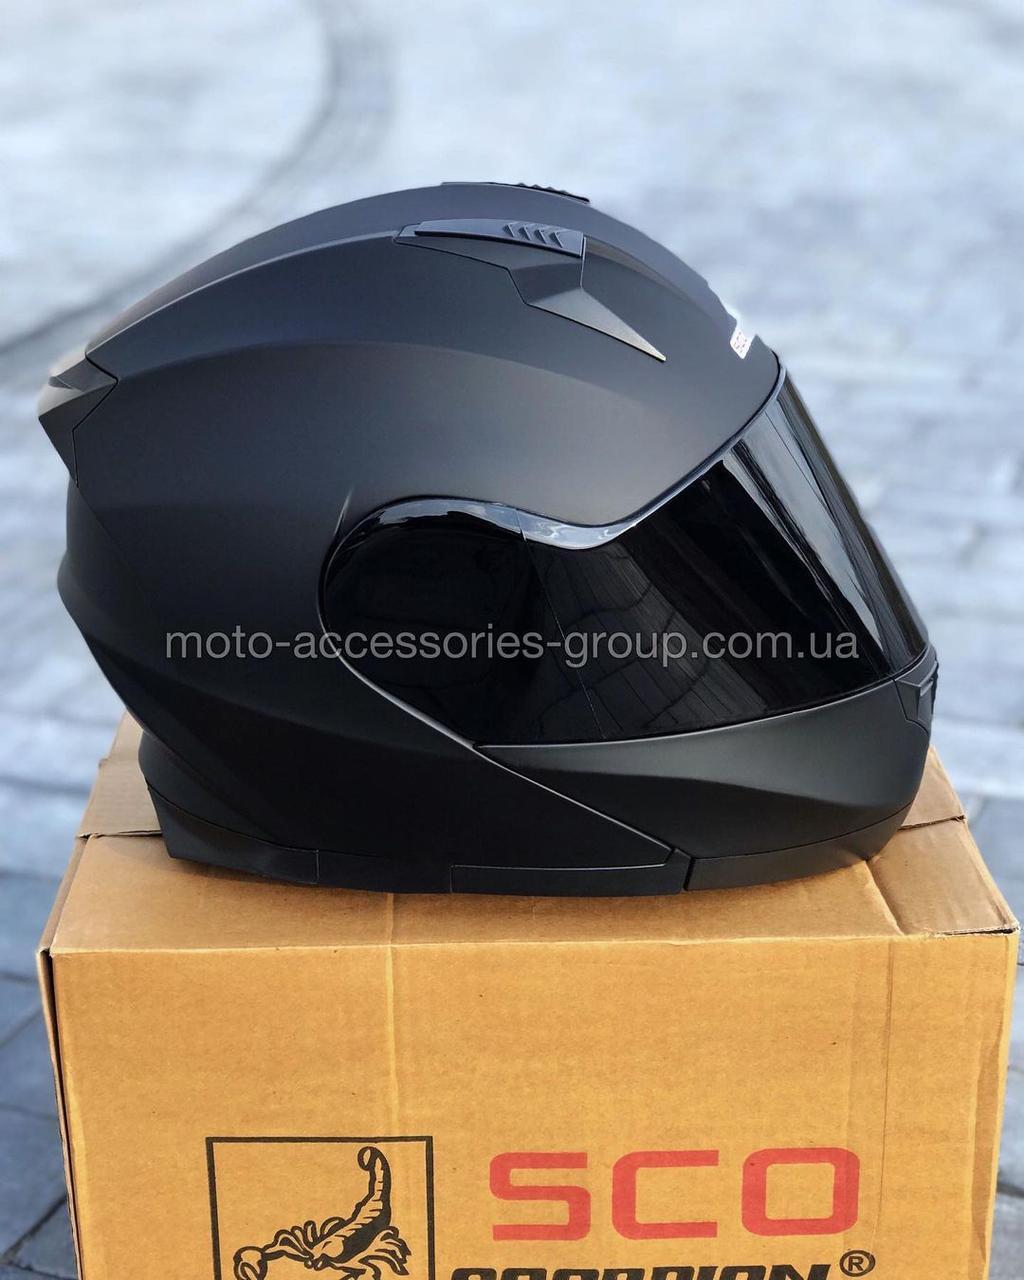 Шлем SCORPION модуляр закрытый с откидным подбородком+очки SCO-162 ЧЕРНЫЙ матовый